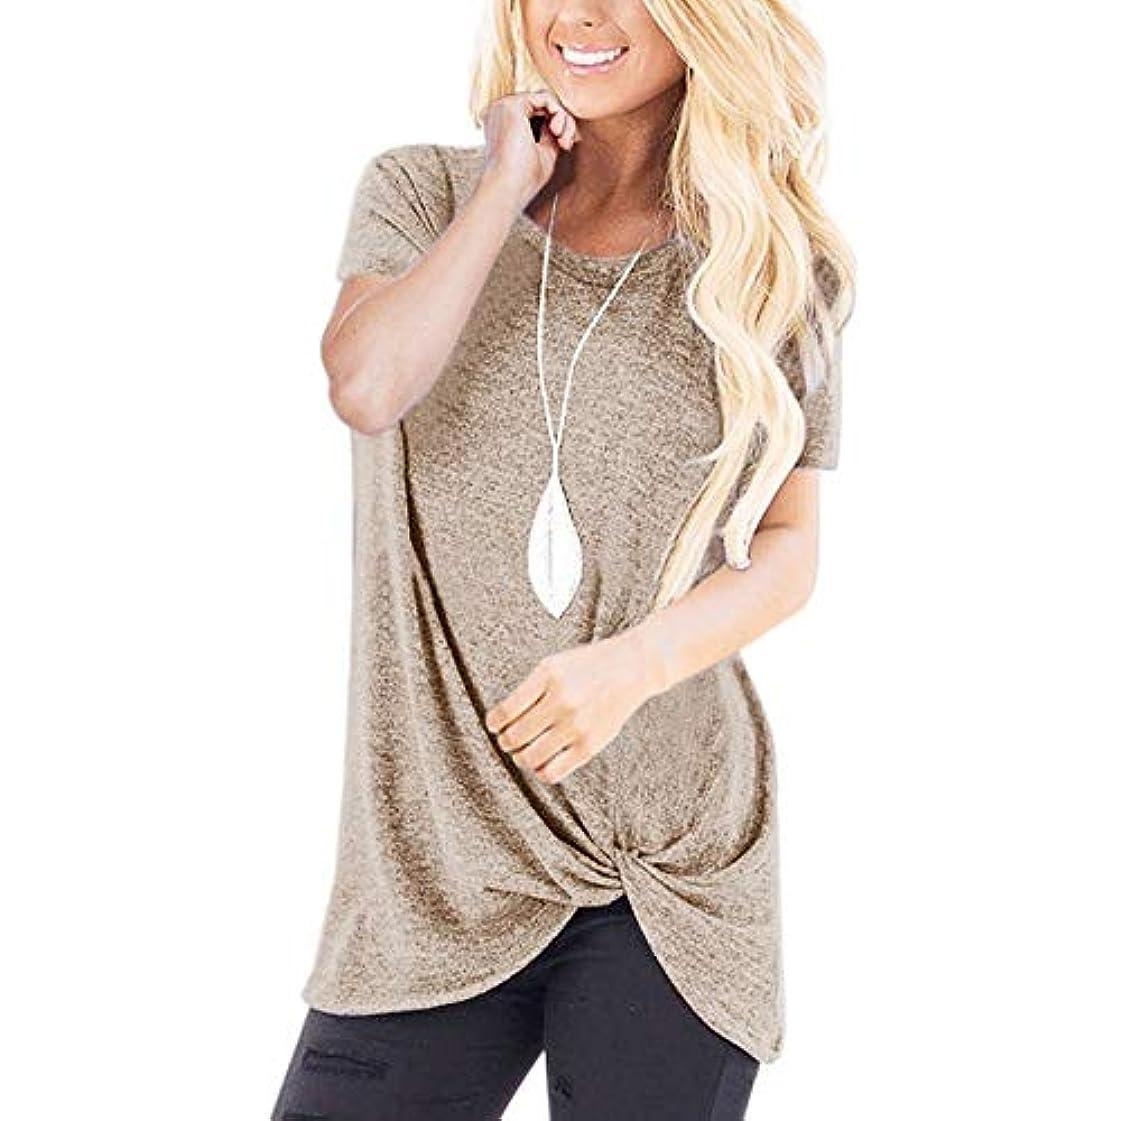 デモンストレーション自分を引き上げるアイザックMIFAN コットンTシャツ、カジュアルTシャツ、レディースブラウス、トップス&Tシャツ、プラスサイズ、ルーズtシャツ